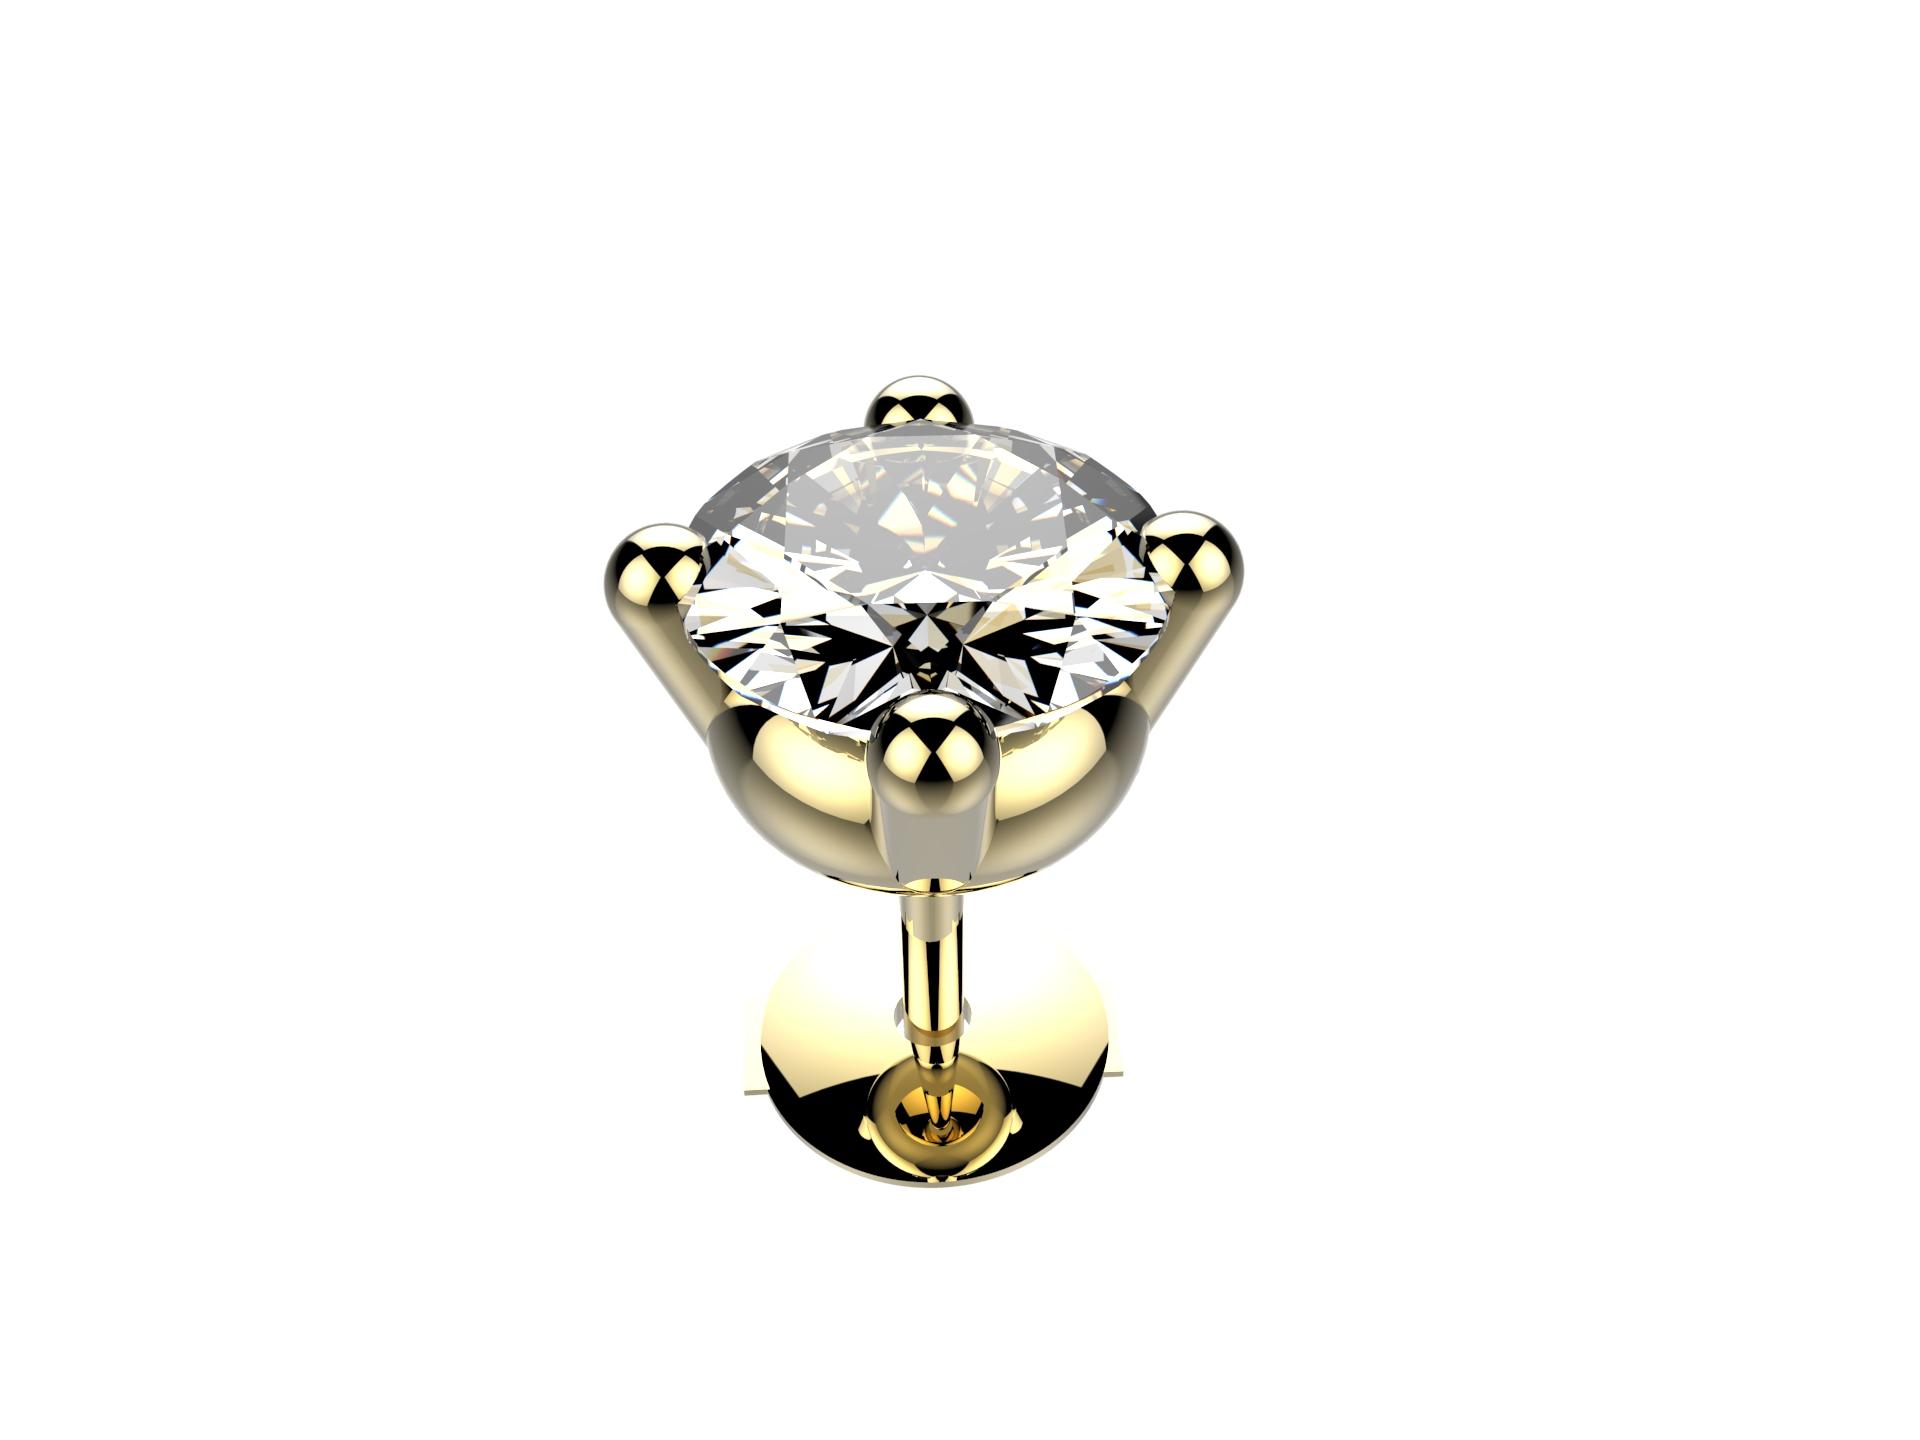 Boucle d'oreille diamant 8400 €